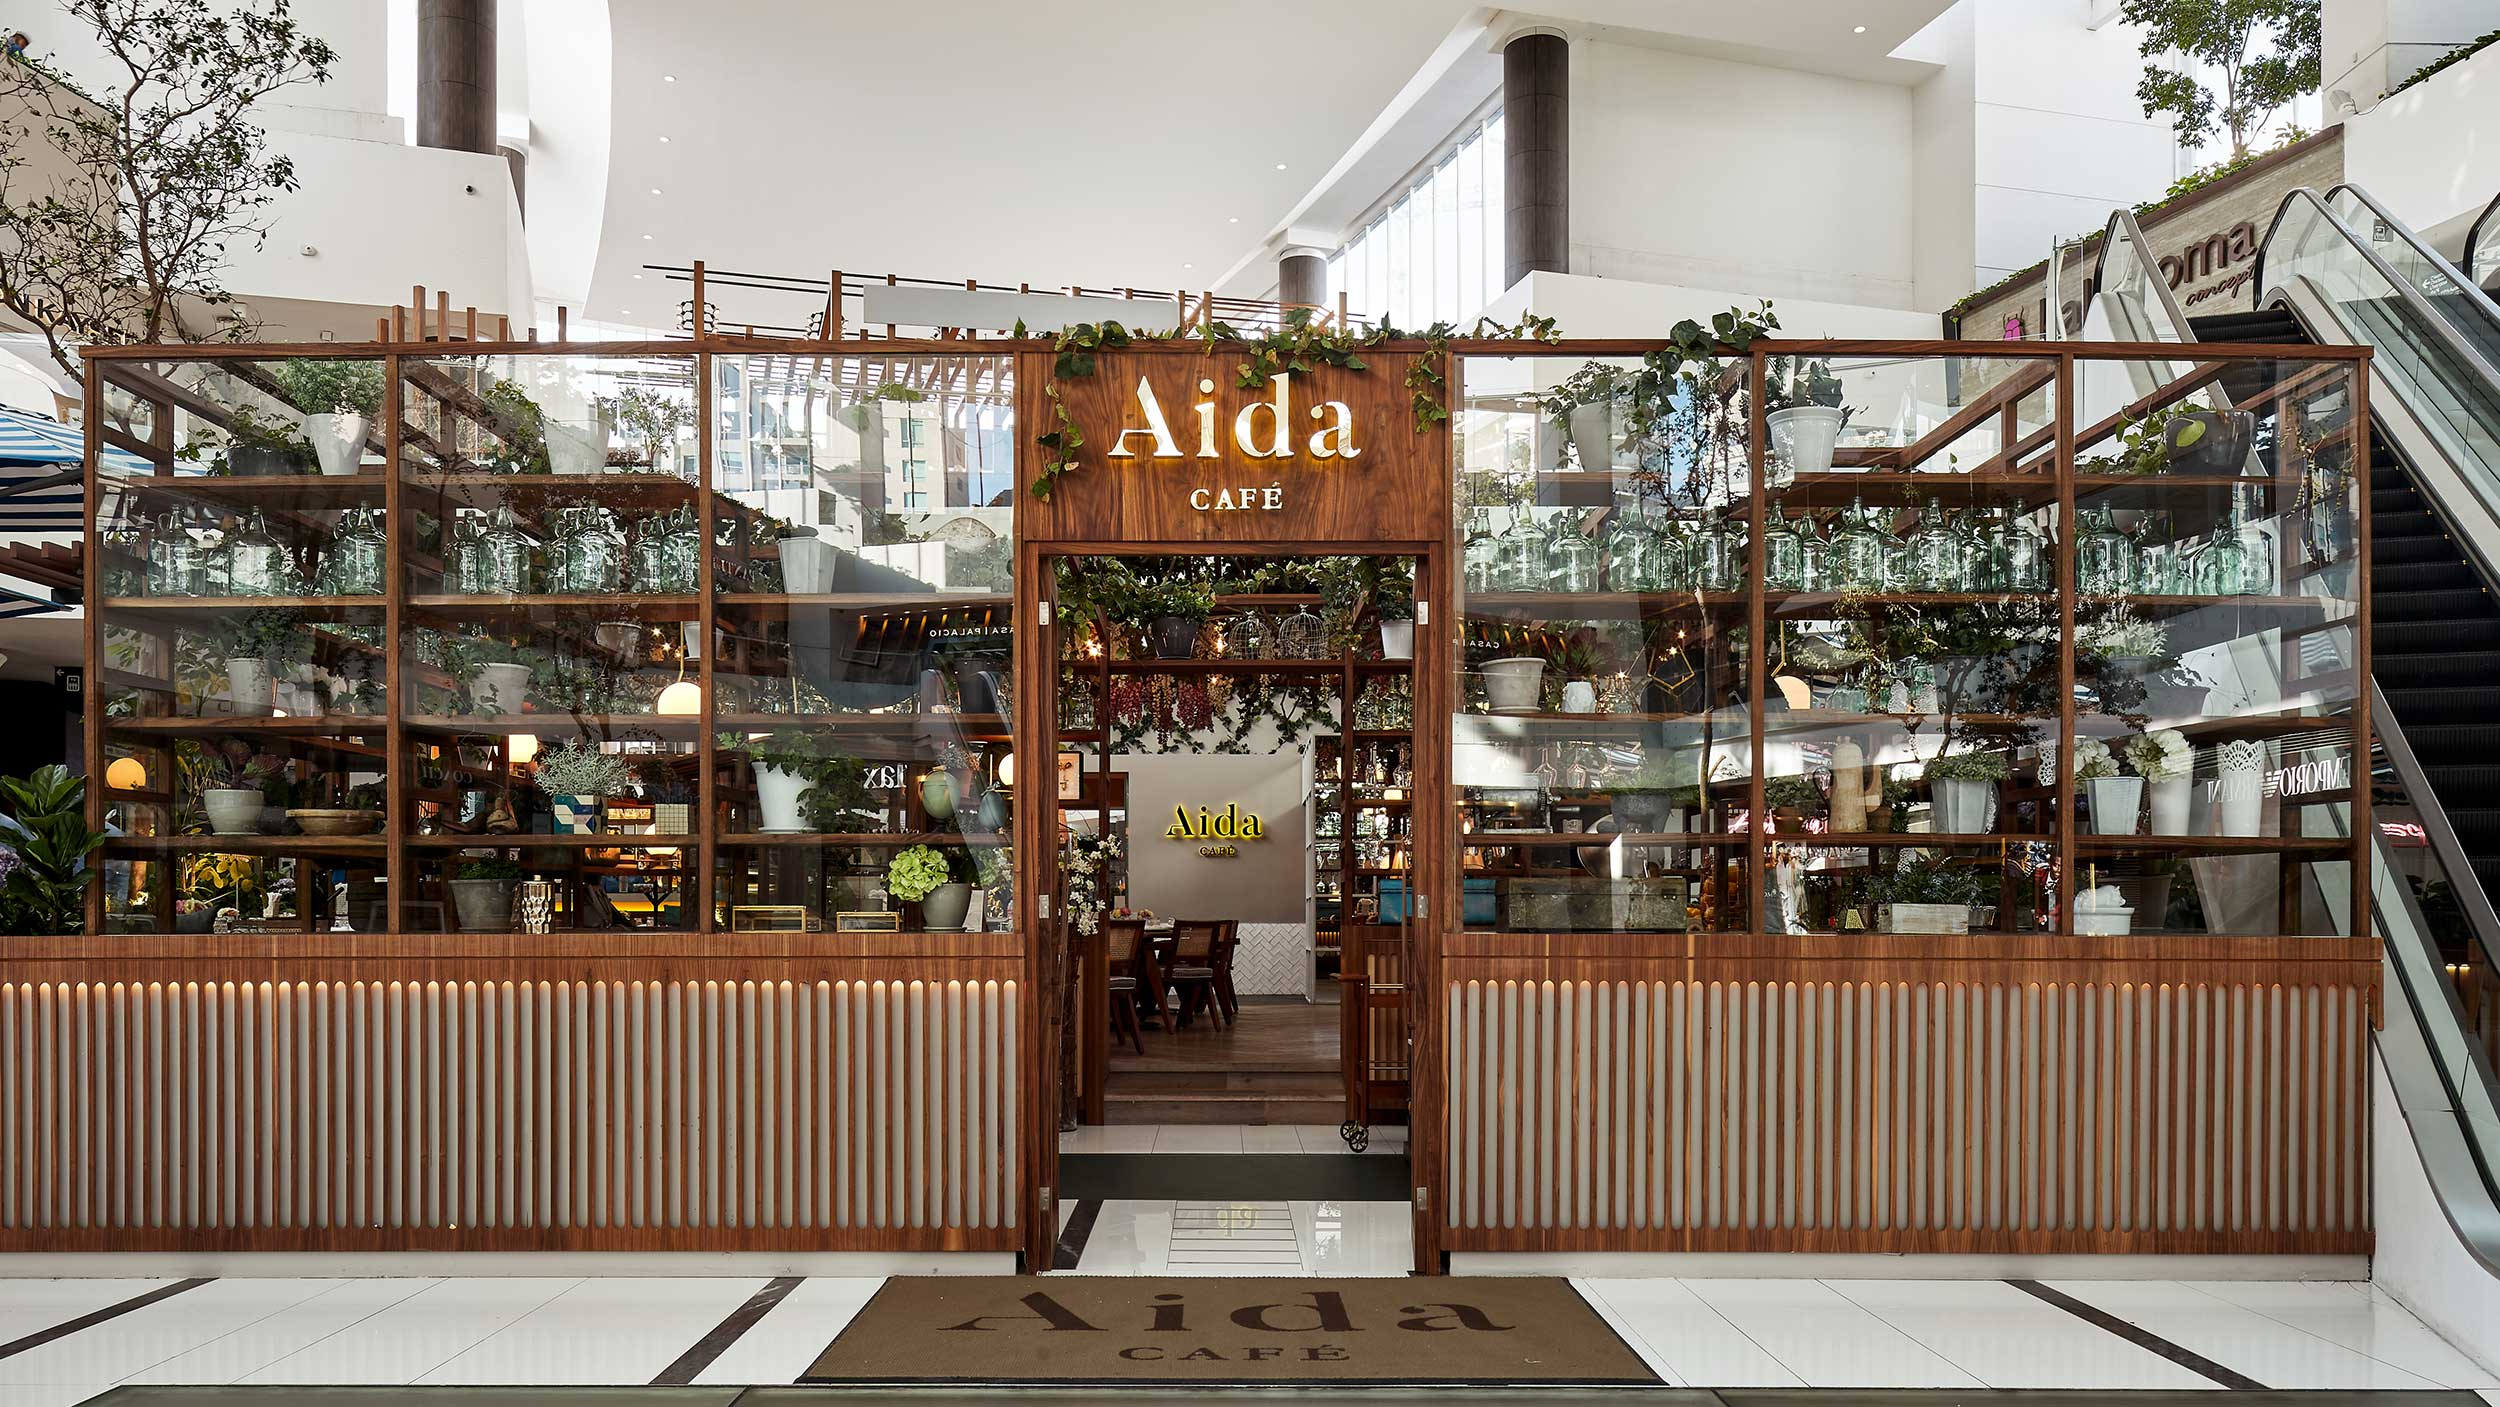 Aida Café